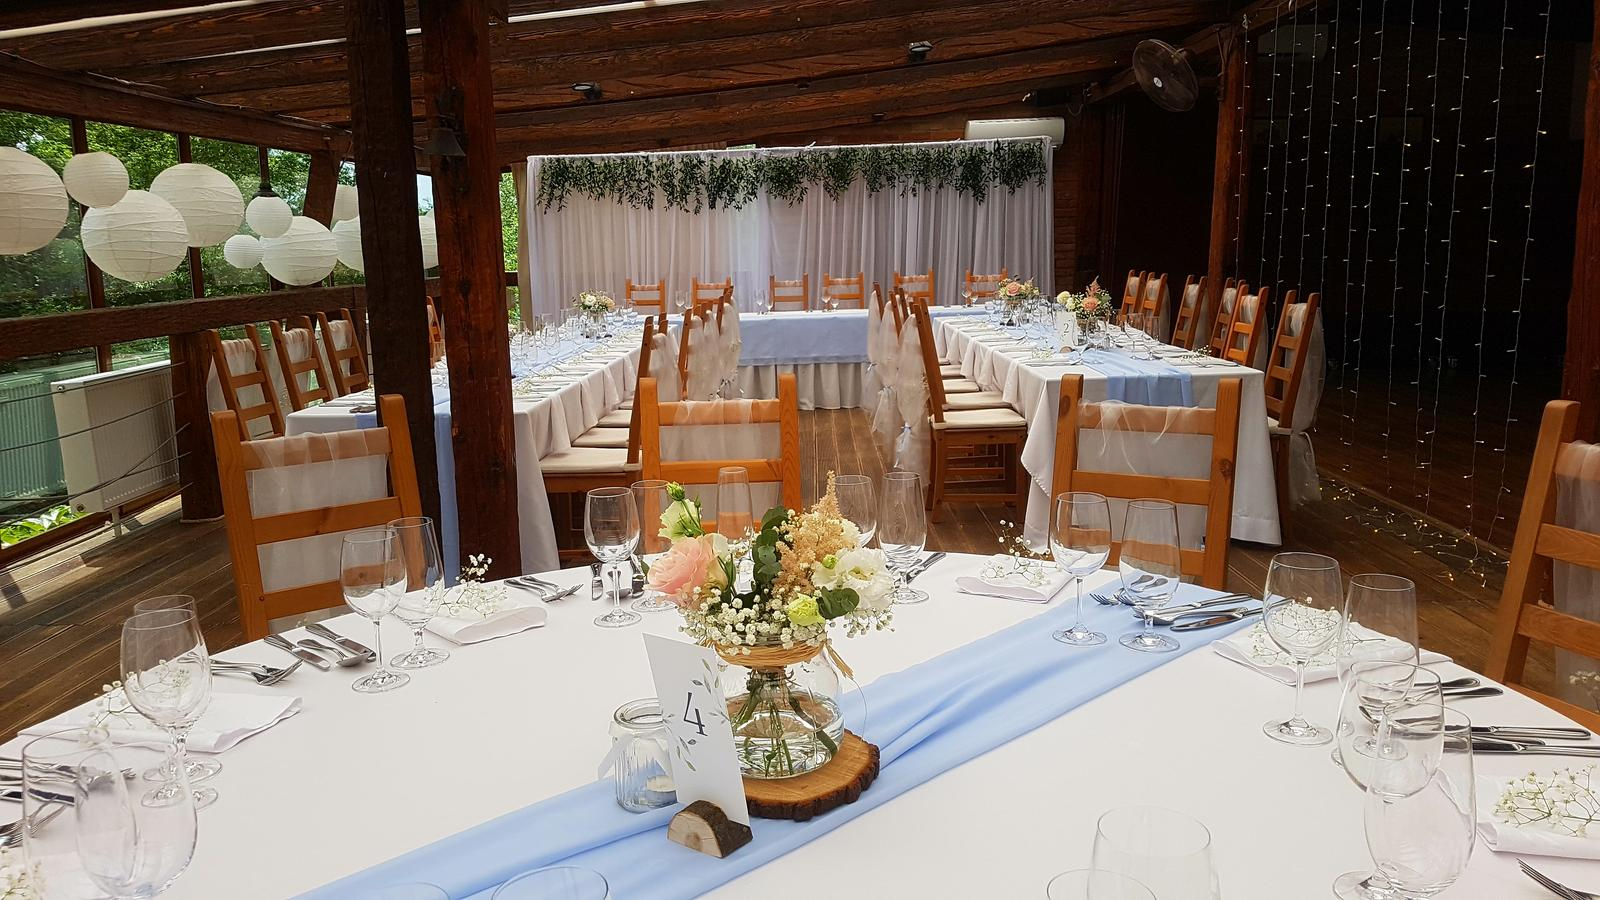 Svetelné steny za mladomanželský stôl - Svetelná stena 3x6m bez volánov. Kedže konštrukcia sú teleskopické tyče nie je najmenší problém prispôsobiť rozmery steny na požadovanú veľkosť.